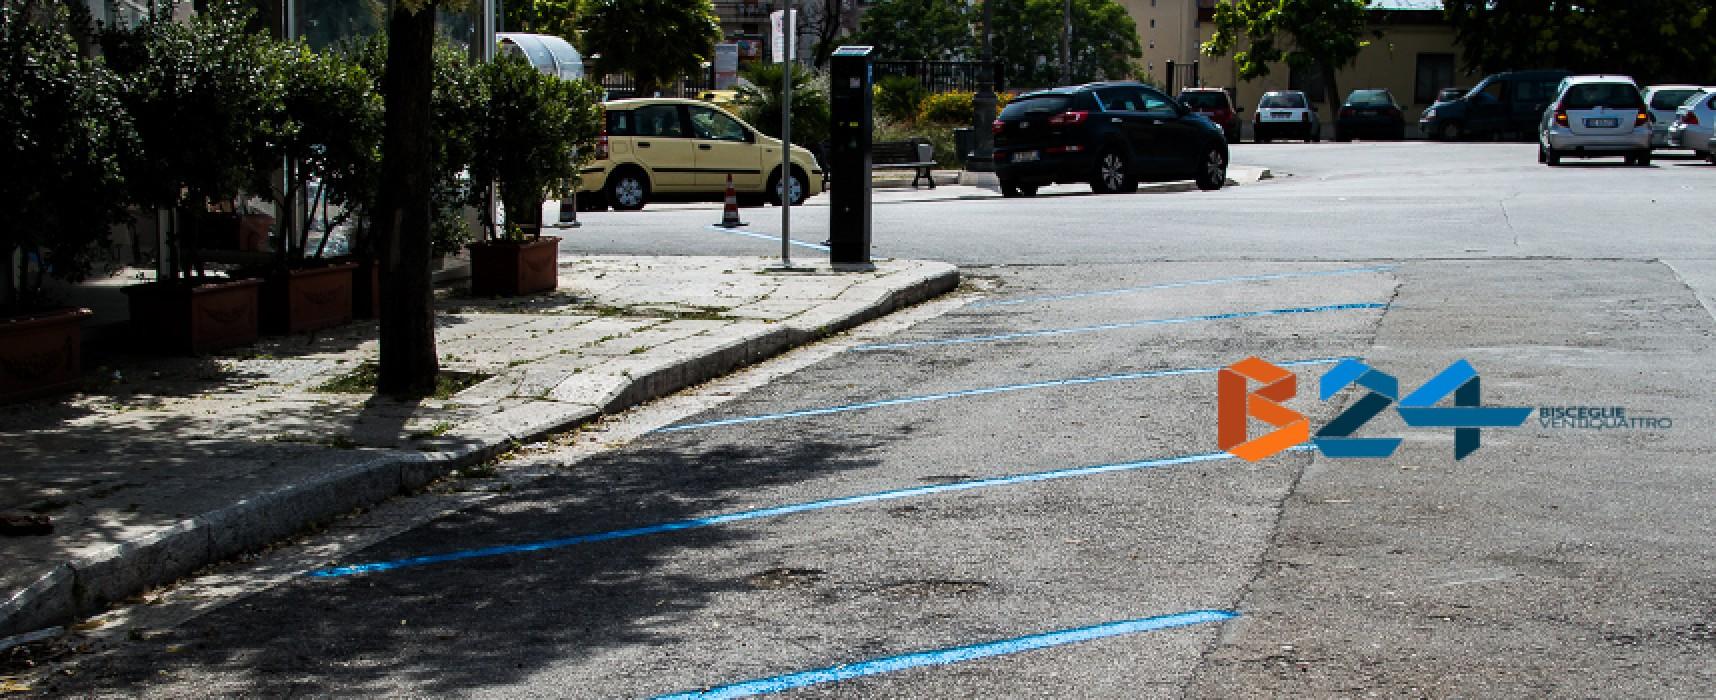 Attiva anche a Bisceglie la nuova applicazione per pagare in remoto il parcheggio